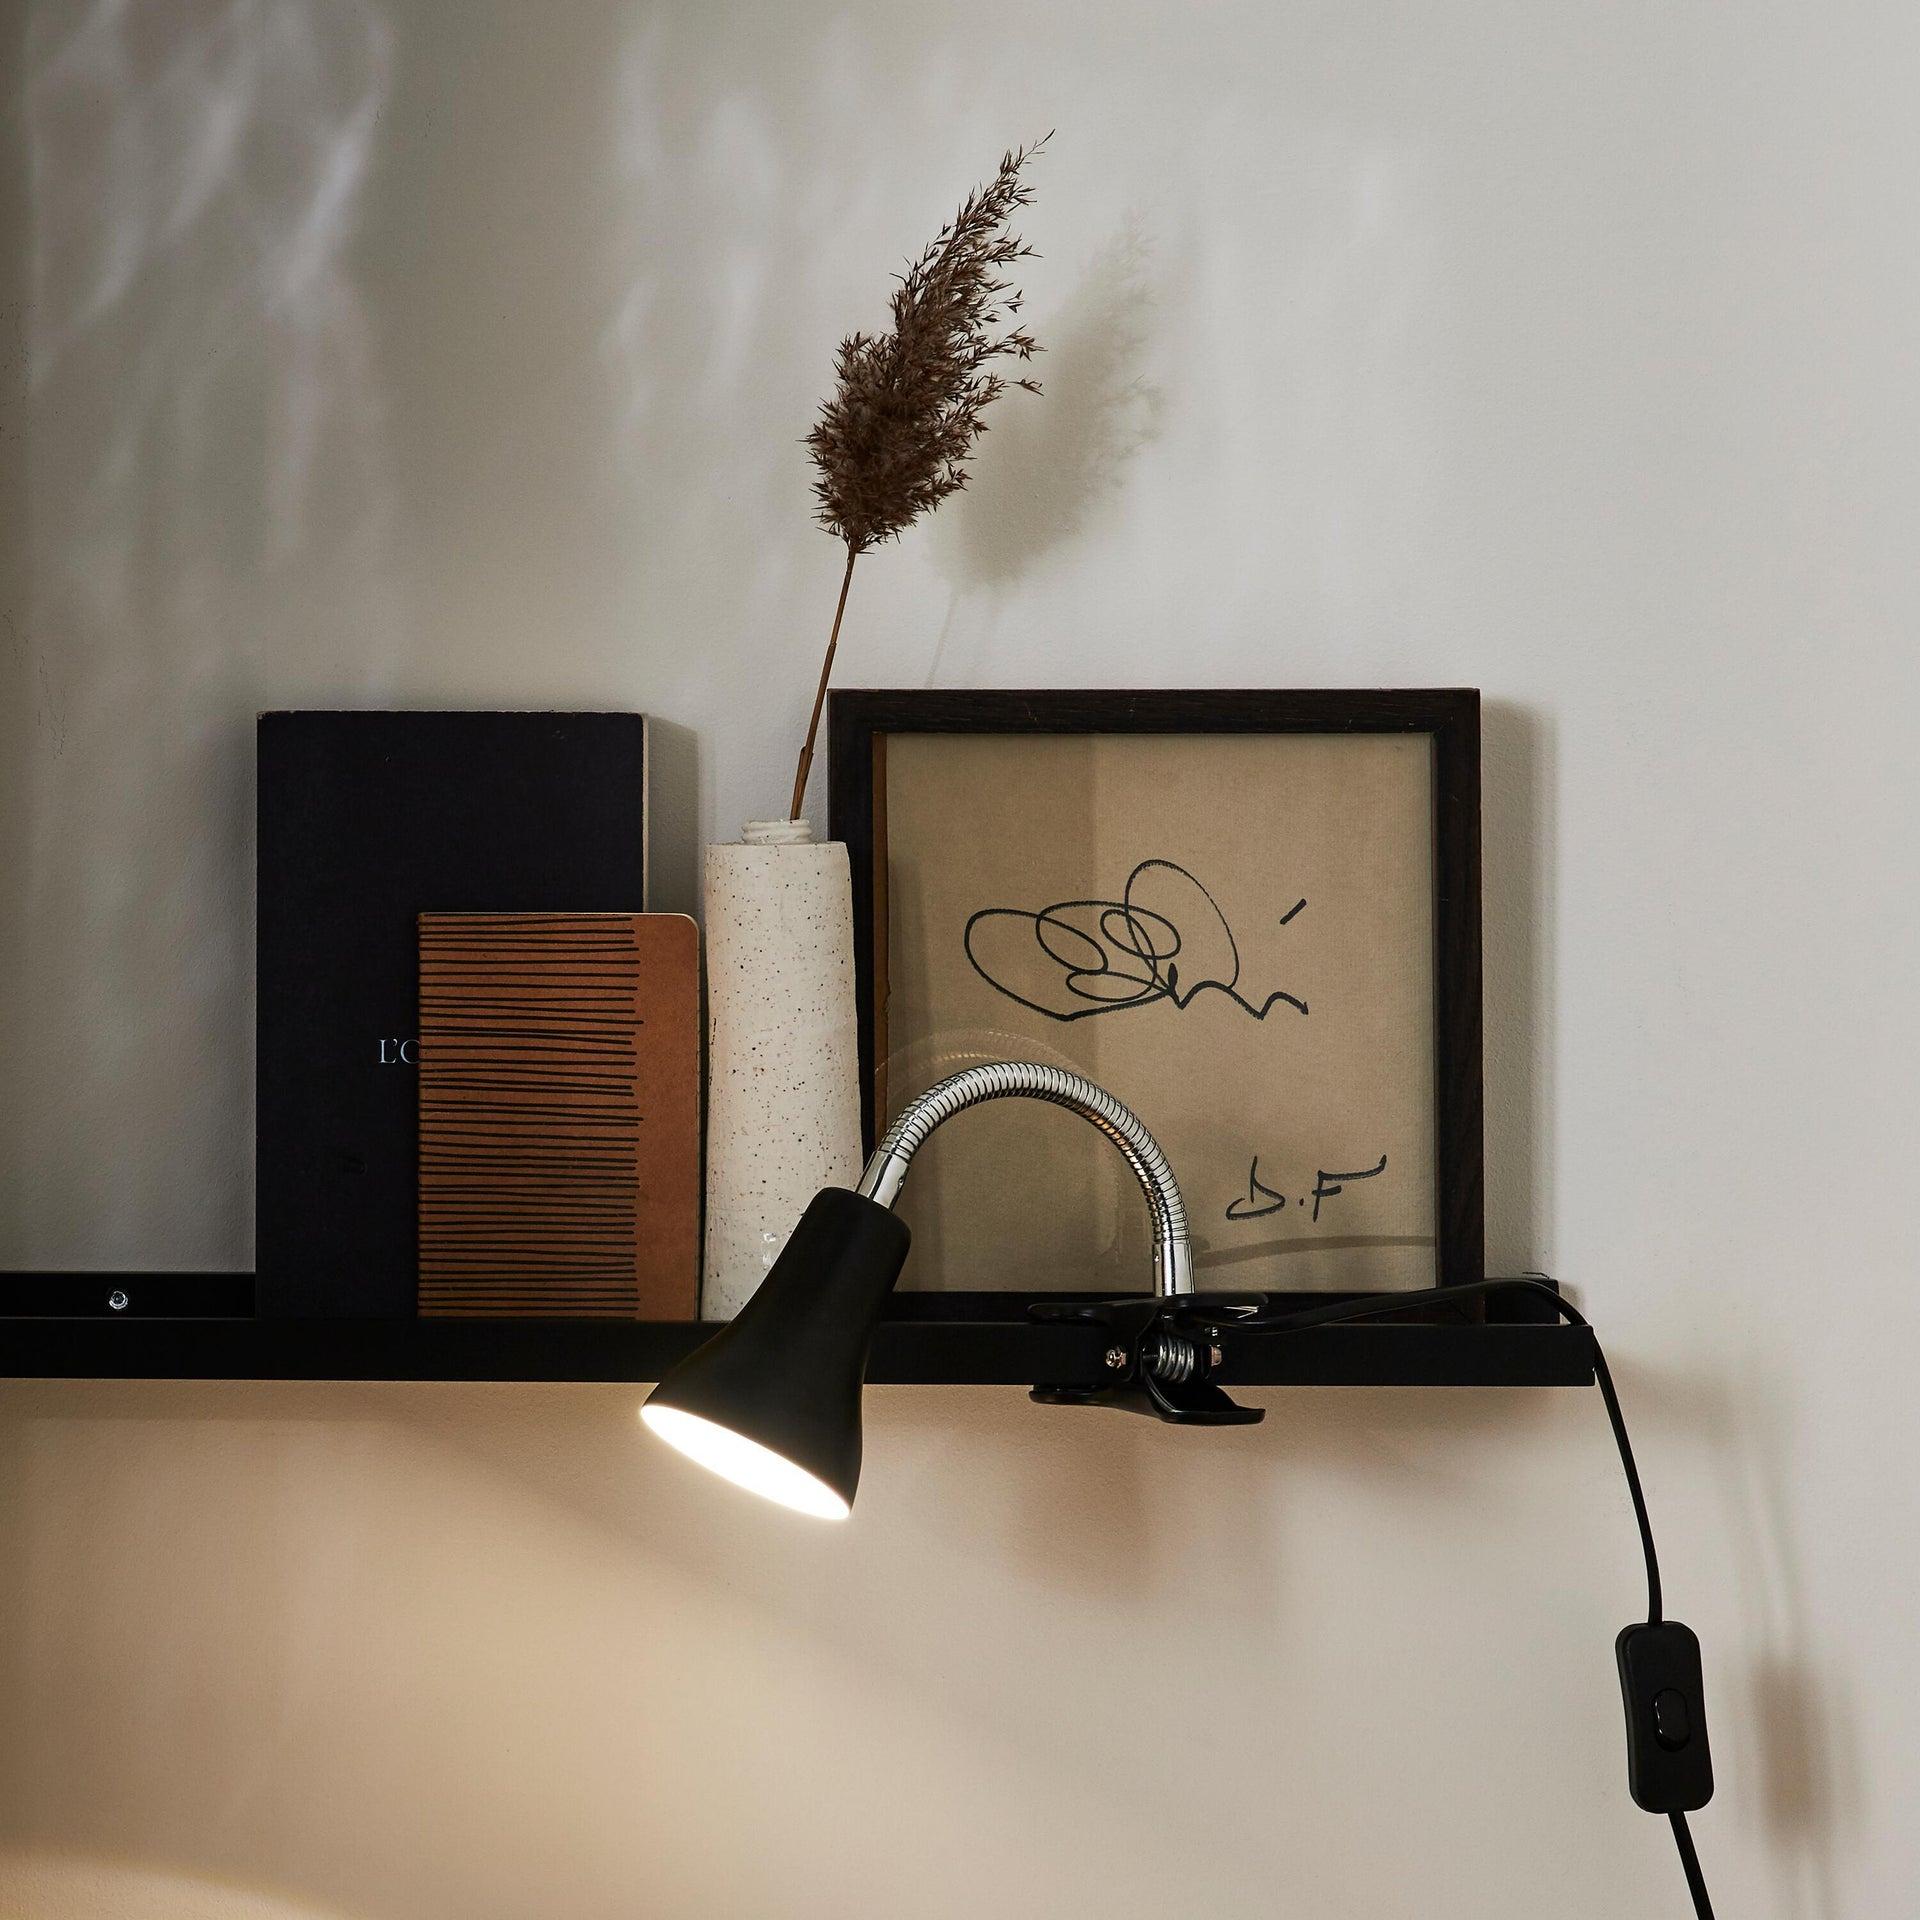 Lampada da scrivania Moderno Salta nero , in metallo, INSPIRE - 1